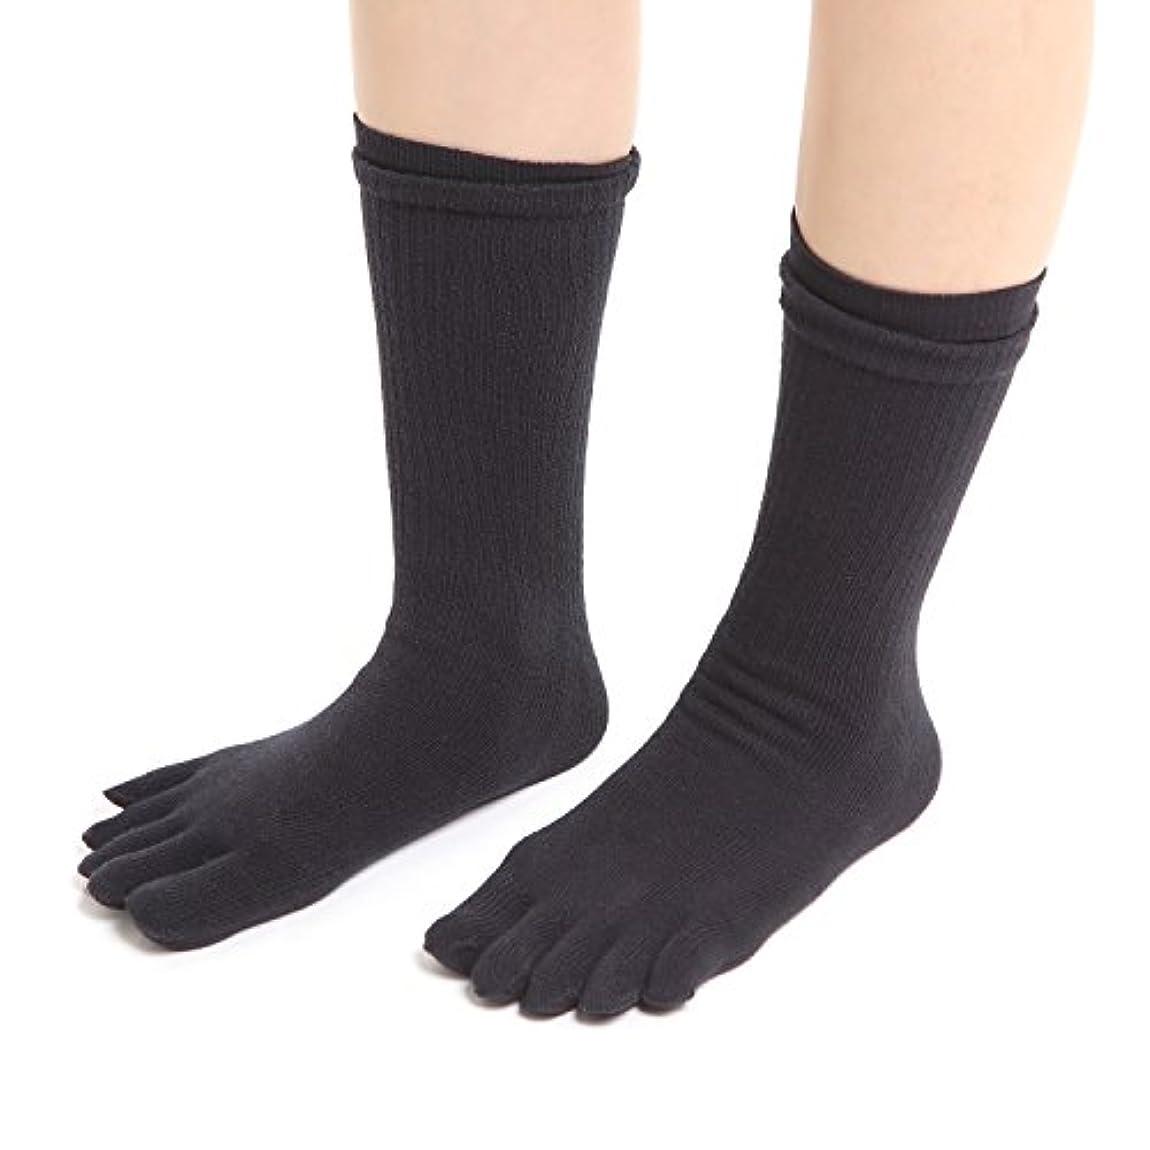 特性記述するタバコNANA 初心者向け冷えとり靴下 内シルク外コットンソックス 2足セット 5本指ソックス フリーサイズ シルク (黒)